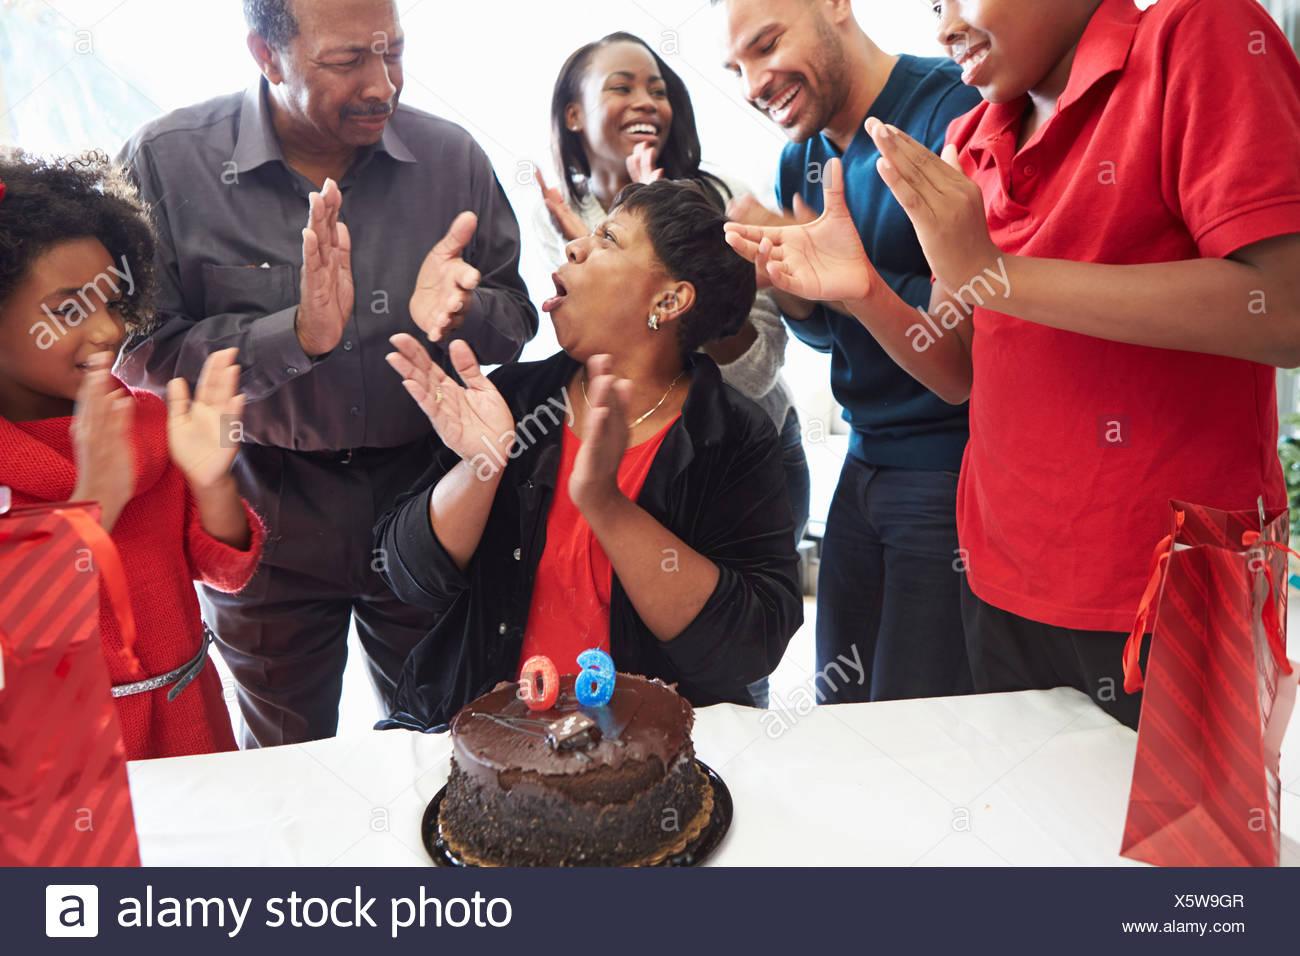 Famiglia festeggia il sessantesimo compleanno insieme Immagini Stock